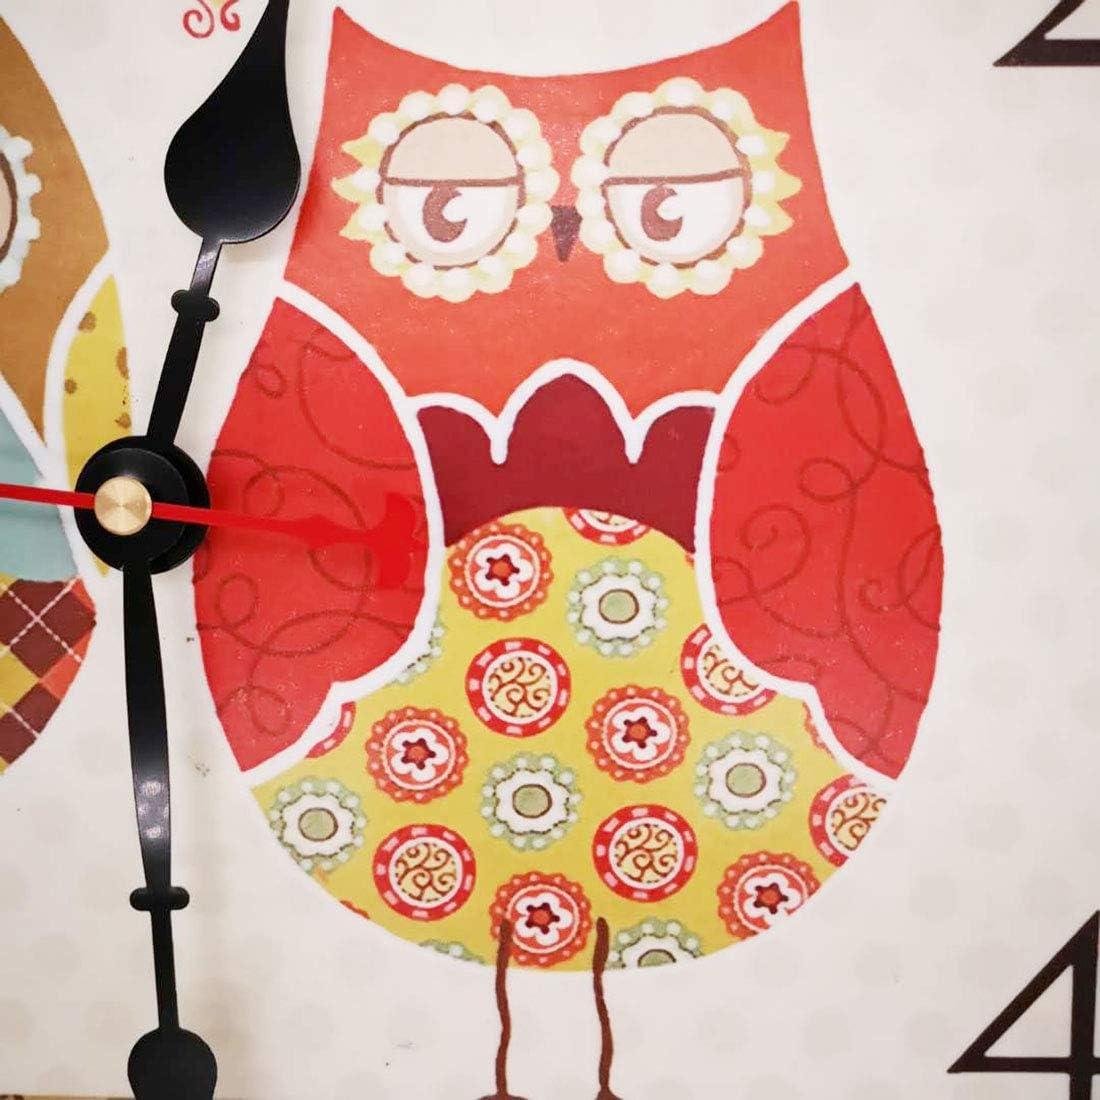 Vintage Colorful Francia Parigi Stile Francese del Paese Toscano di Numeri Arabi Design Silenzioso Orologio da Parete in Legno Home Decor VieVogue Orologio da Parete Famiglia Gufi, 30cm